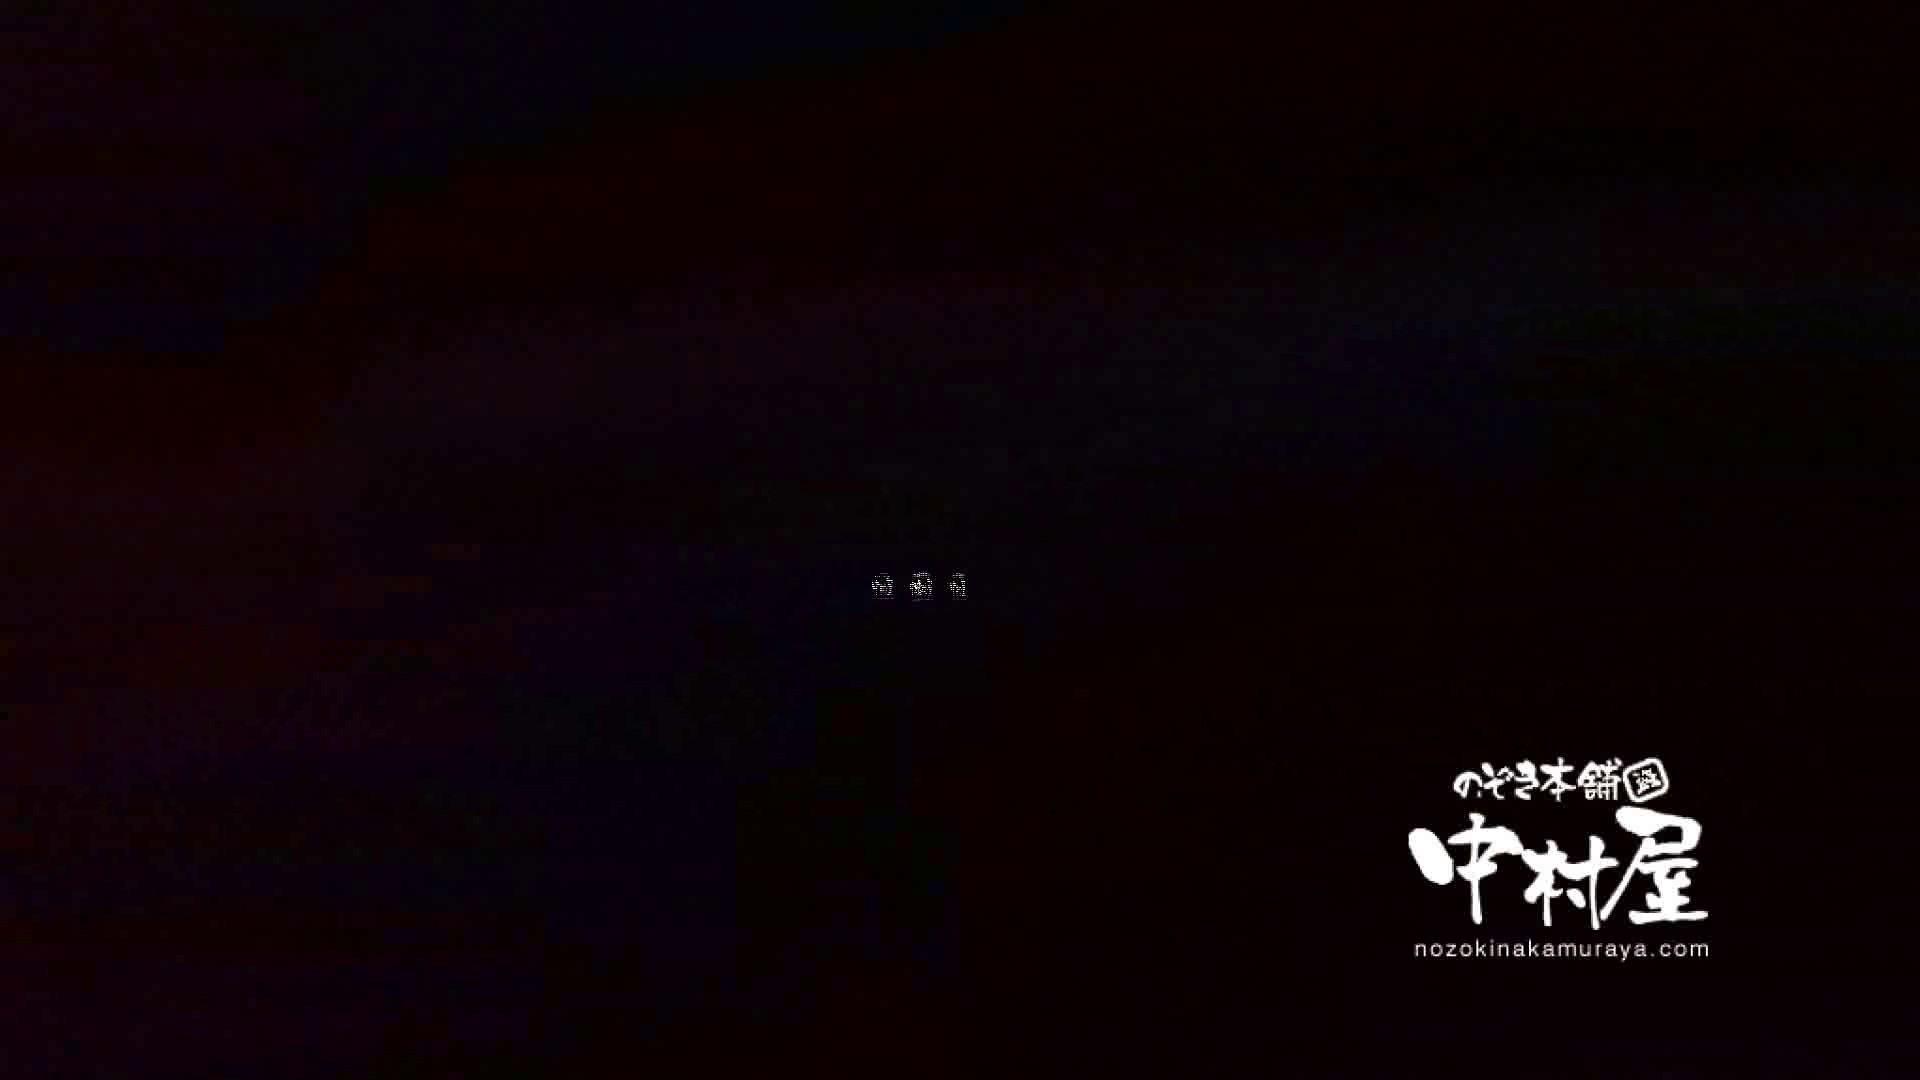 鬼畜 vol.14 小生意気なおなごにはペナルティー 後編 鬼畜 エロ無料画像 58画像 44